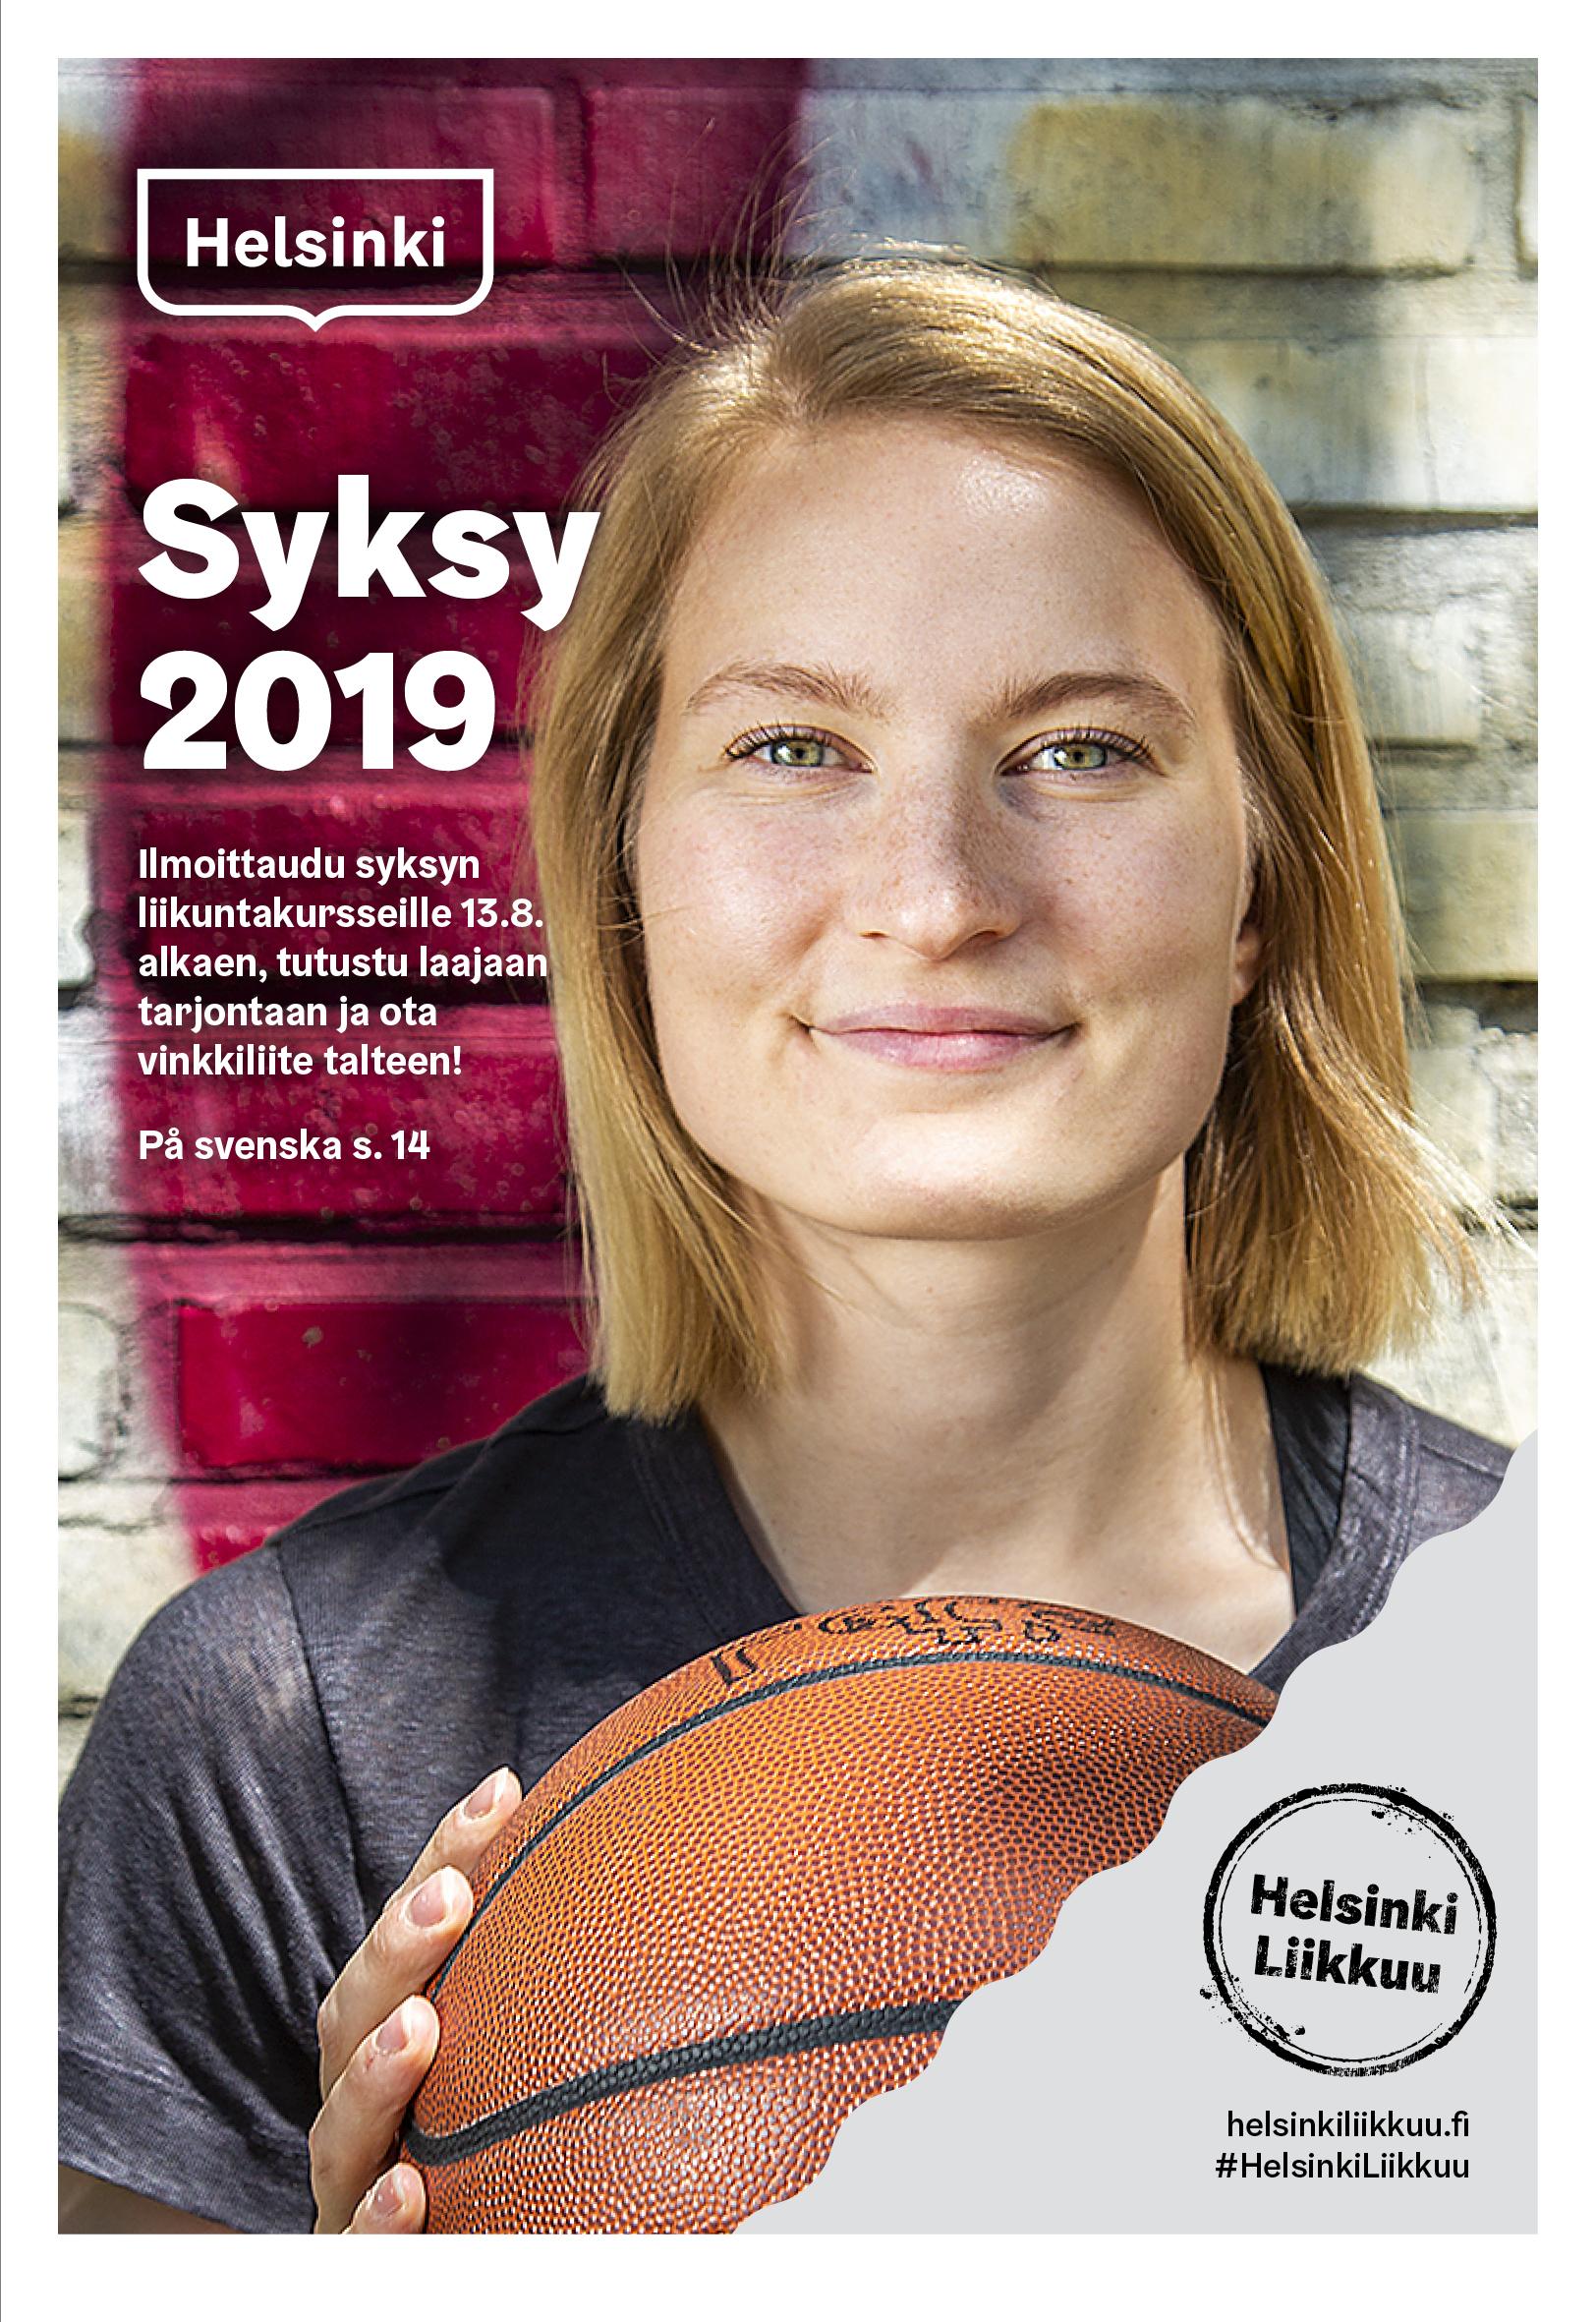 Helsingin_Uutiset_liikuntapalveluiden_syysesite_2019_netti